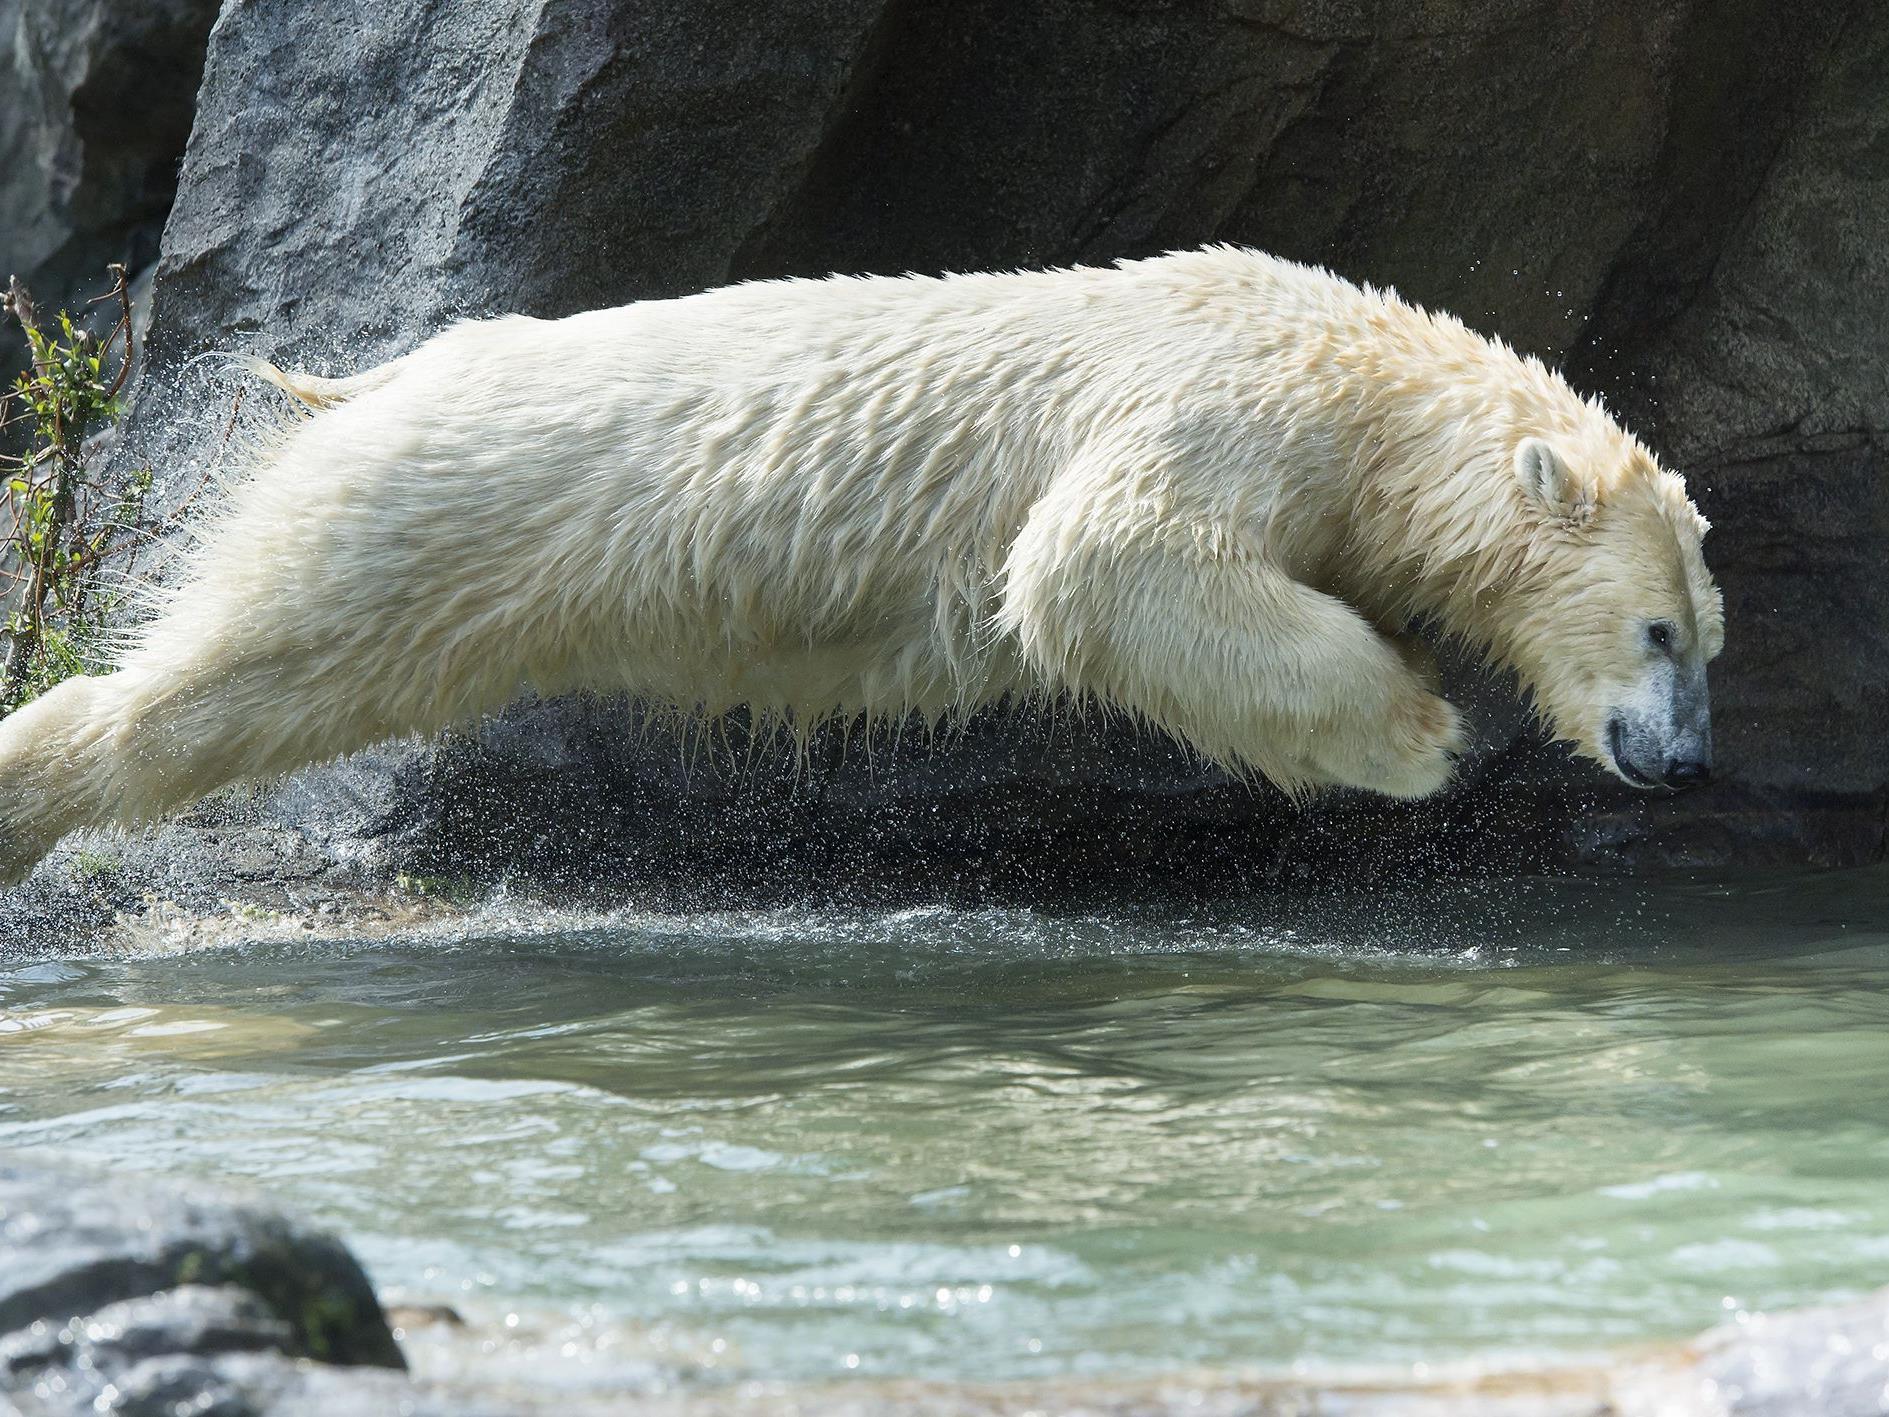 Die Eisbären in Schönbrunn gehen gerne baden